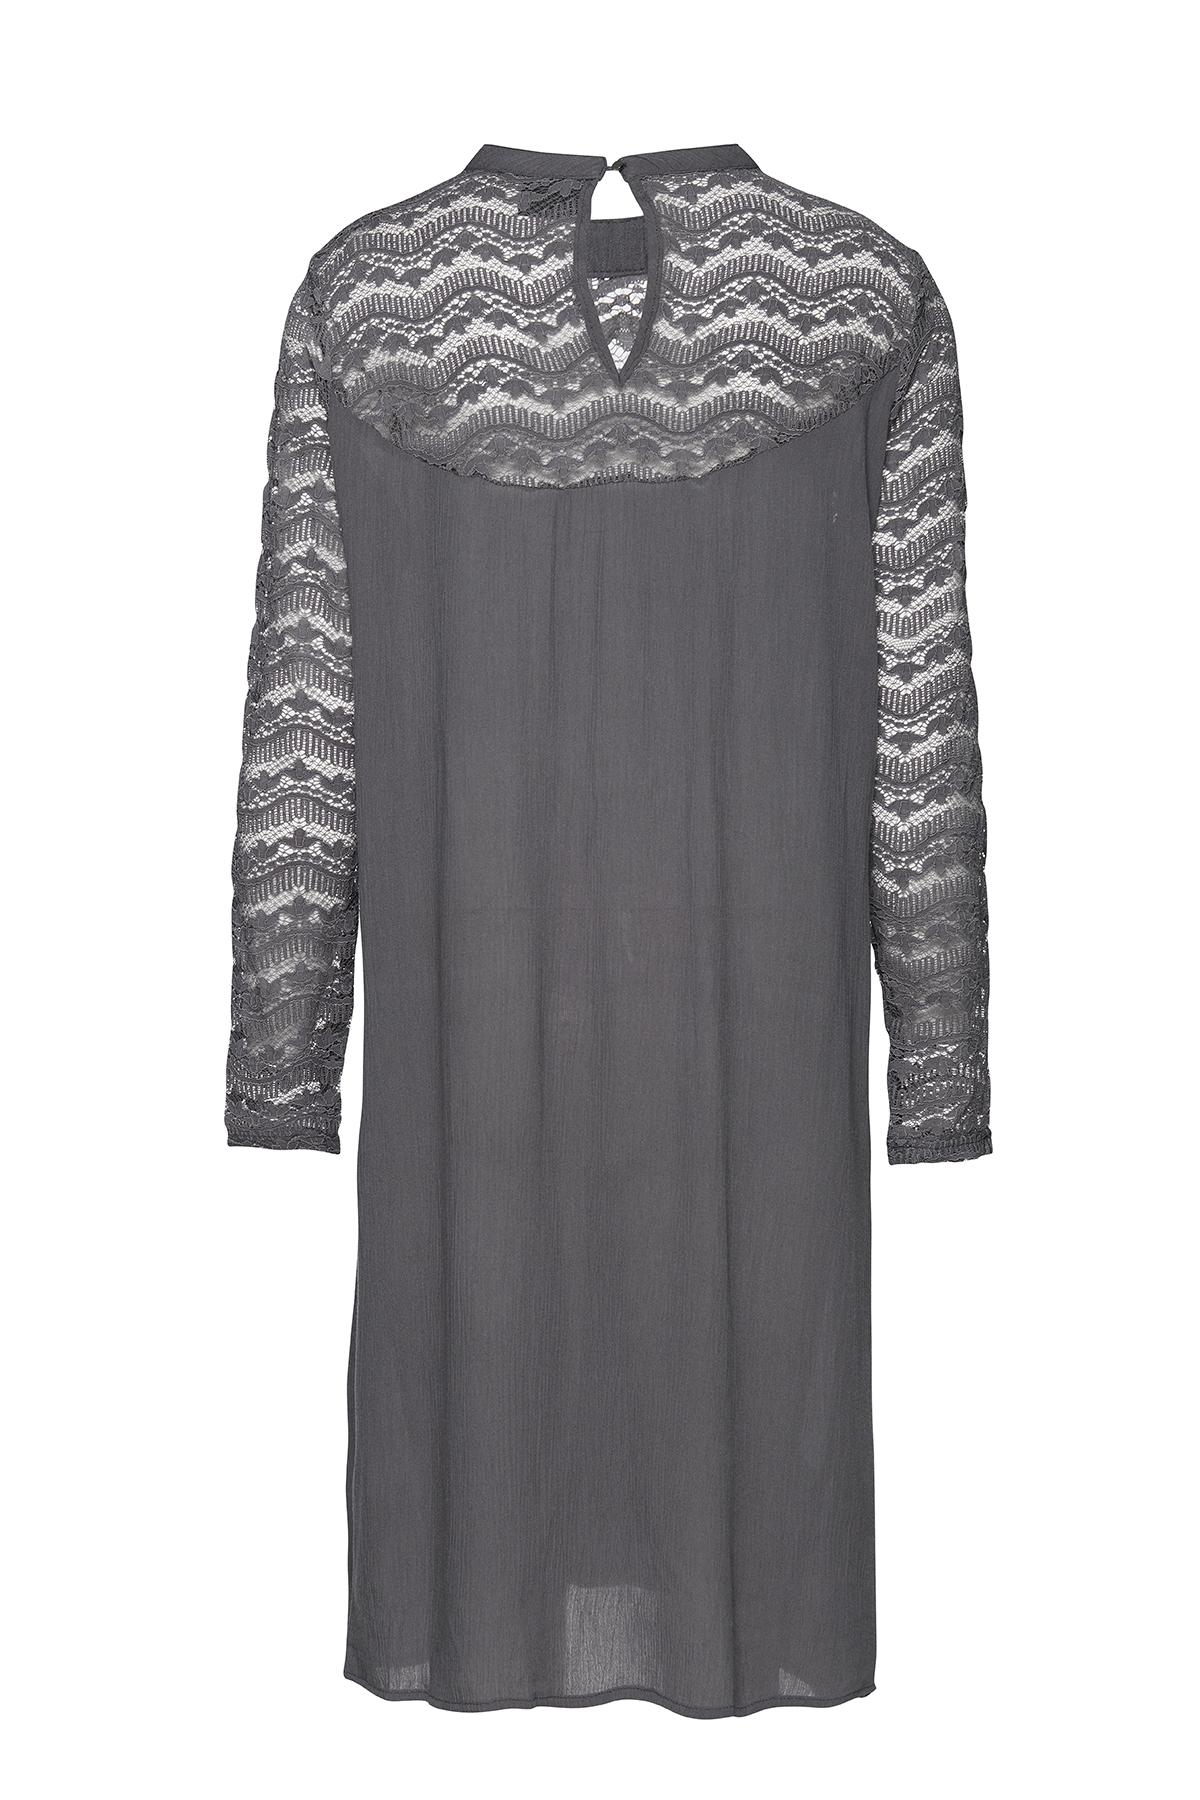 Grau Kleid von b.young – Kaufen Sie Grau Kleid aus Größe 34-46 hier